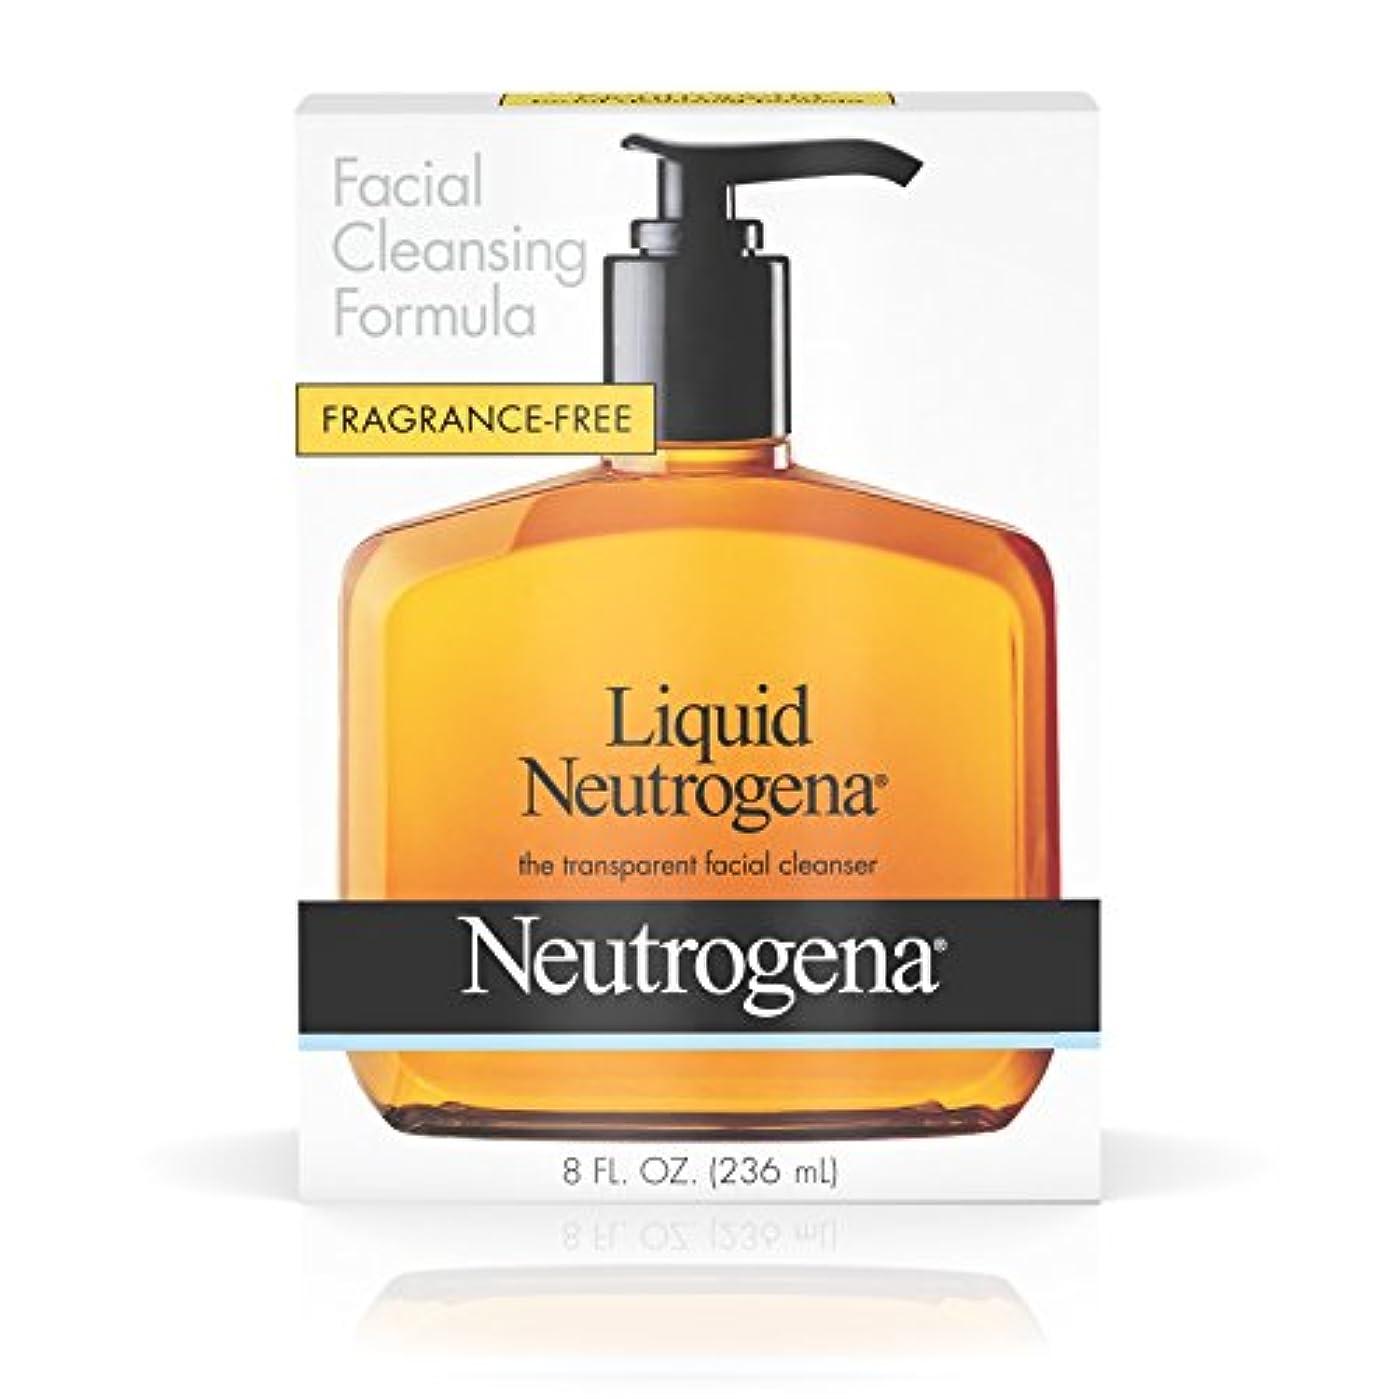 聴覚障害者チーズドームNeutrogena 液体洗顔式、8フロリダ。オンス